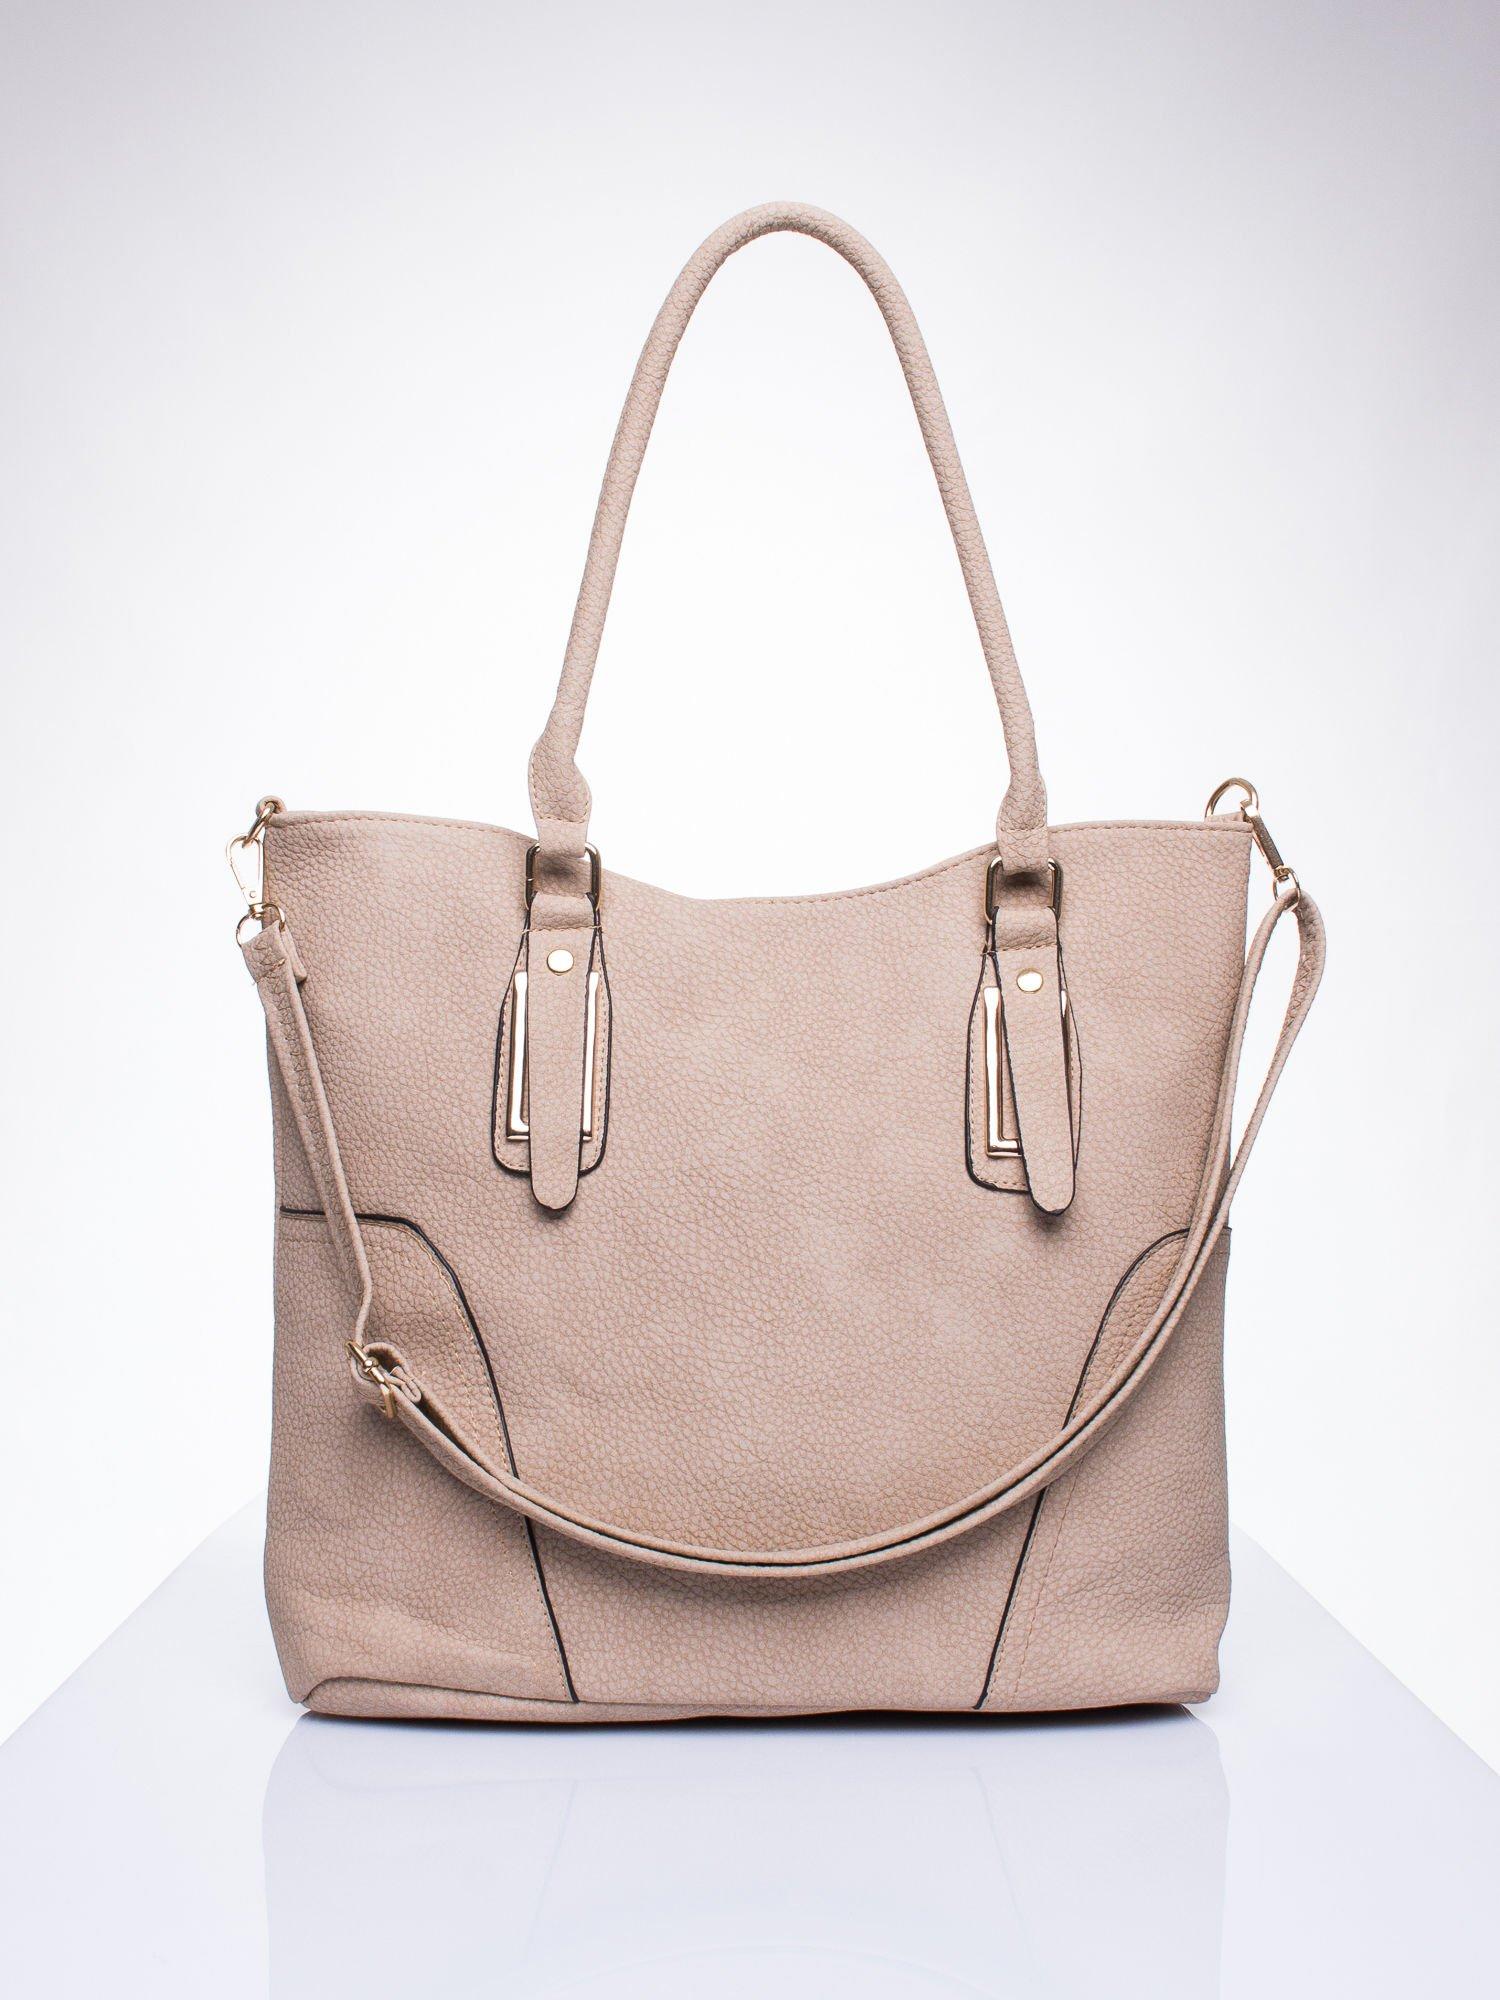 Jasnobrzowa torba shopper bag ze złotymi okuciami przy rączkach                                  zdj.                                  1